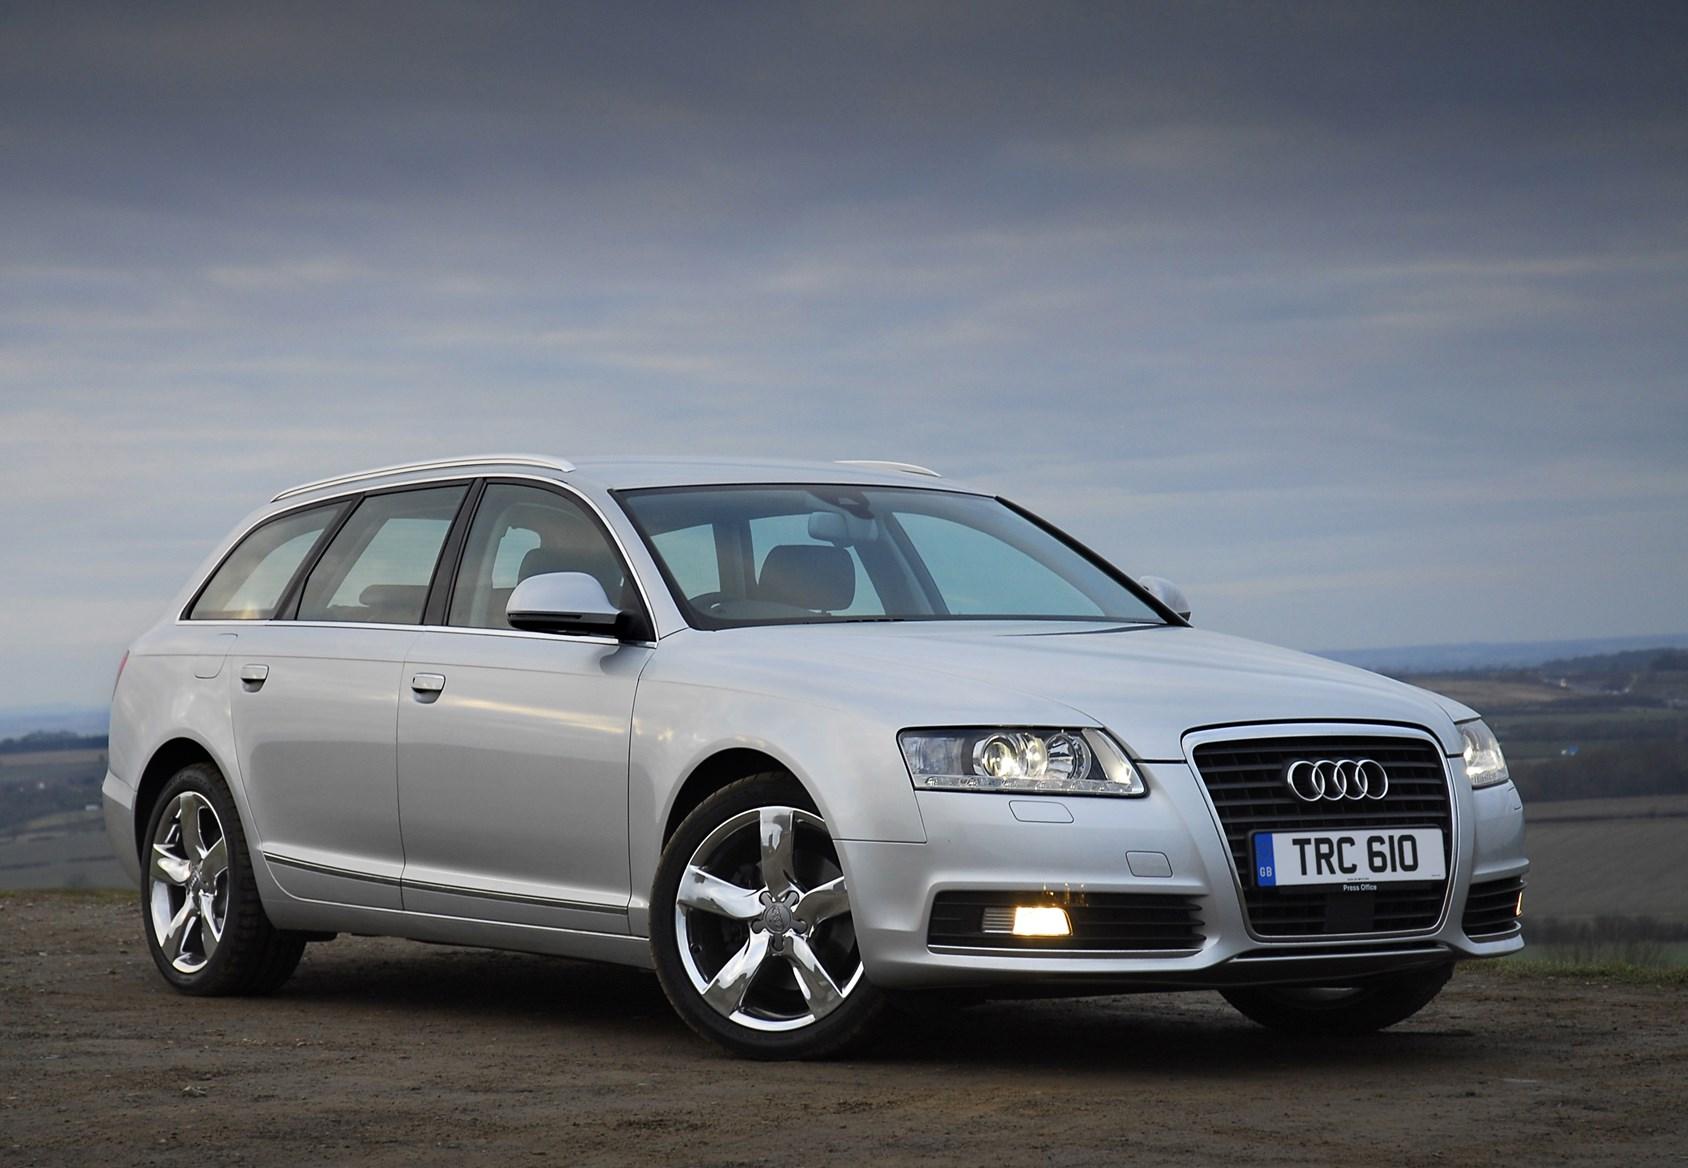 Audi A Avant Review Parkers - 2005 audi a6